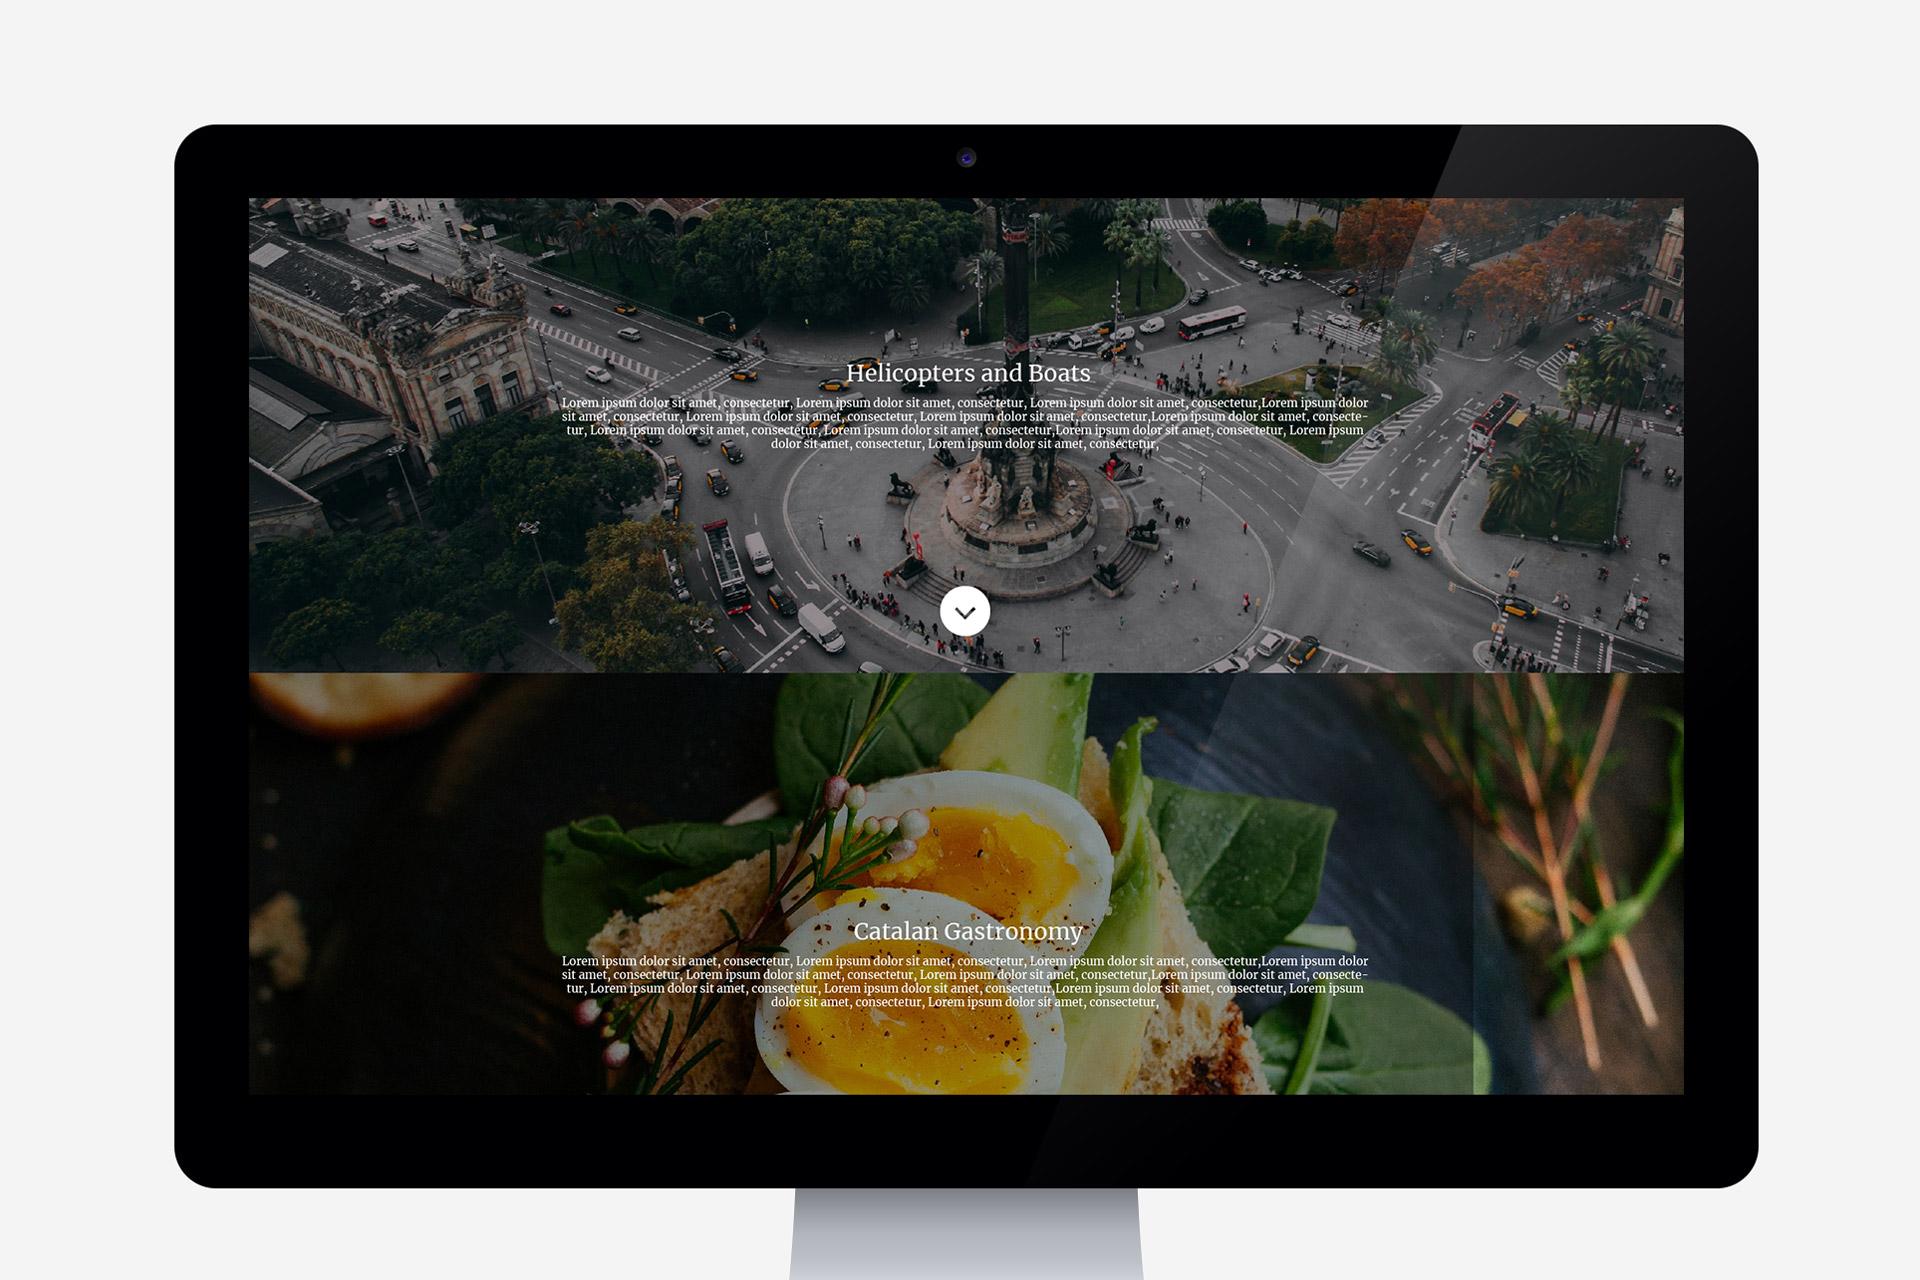 Diseño web para la empresa de viajes munditravel Barcelona. Disseny web per a l'empresa munditravel Barcelona.